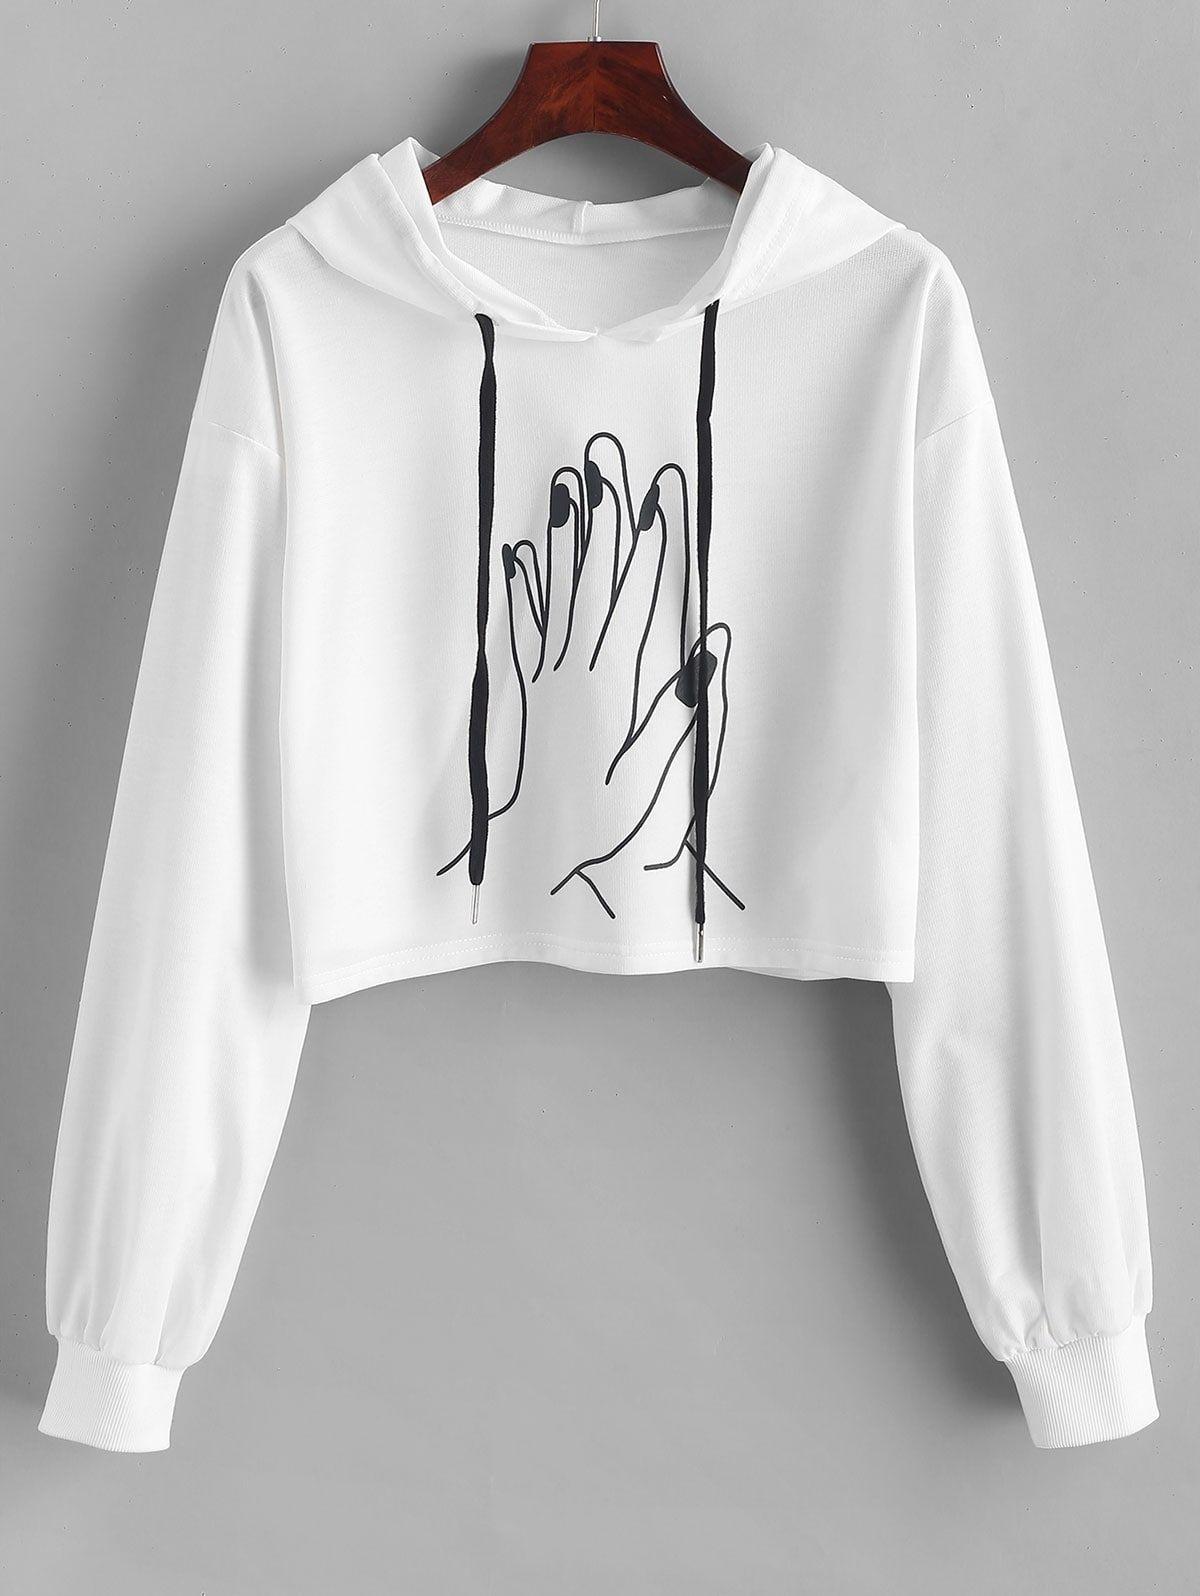 Flower Child Vintage Inspired Off The Shoulder Sweatshirt Wide Neck